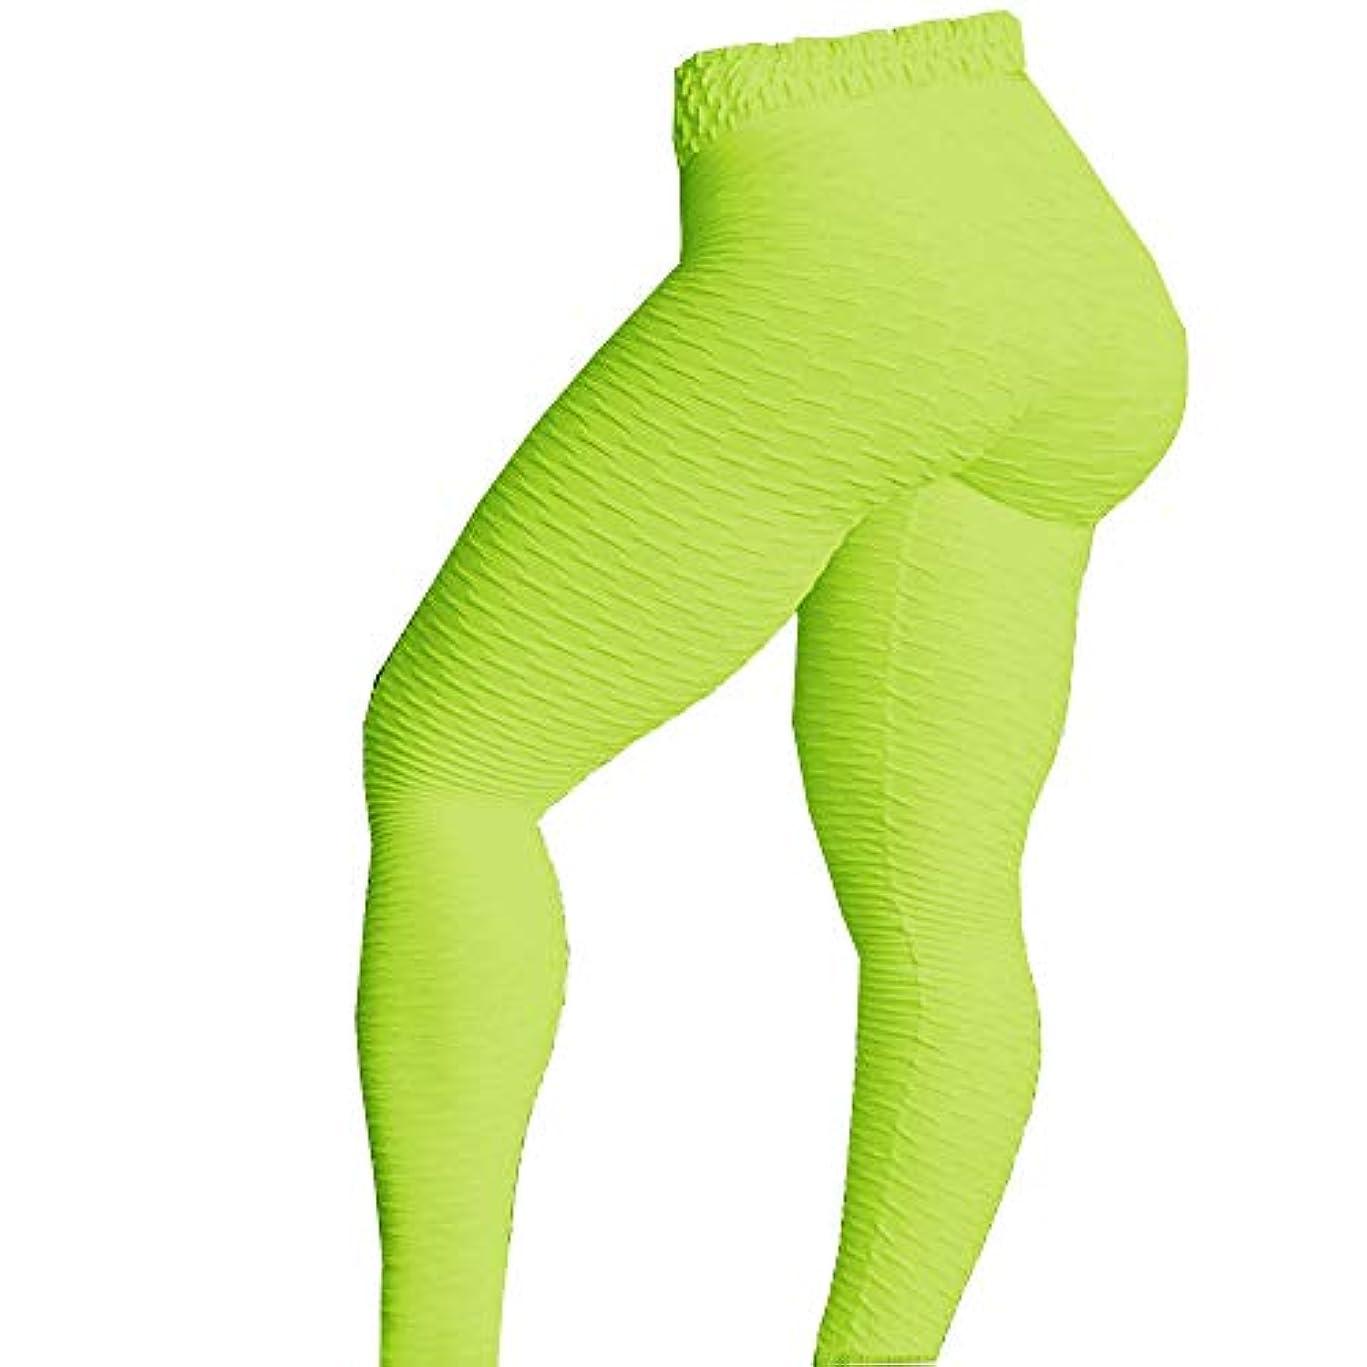 自動化揮発性本能MIFAN パンツ女性、ハイウエストパンツ、スキニーパンツ、ヨガレギンス、女性のズボン、ランニングパンツ、スポーツウェア